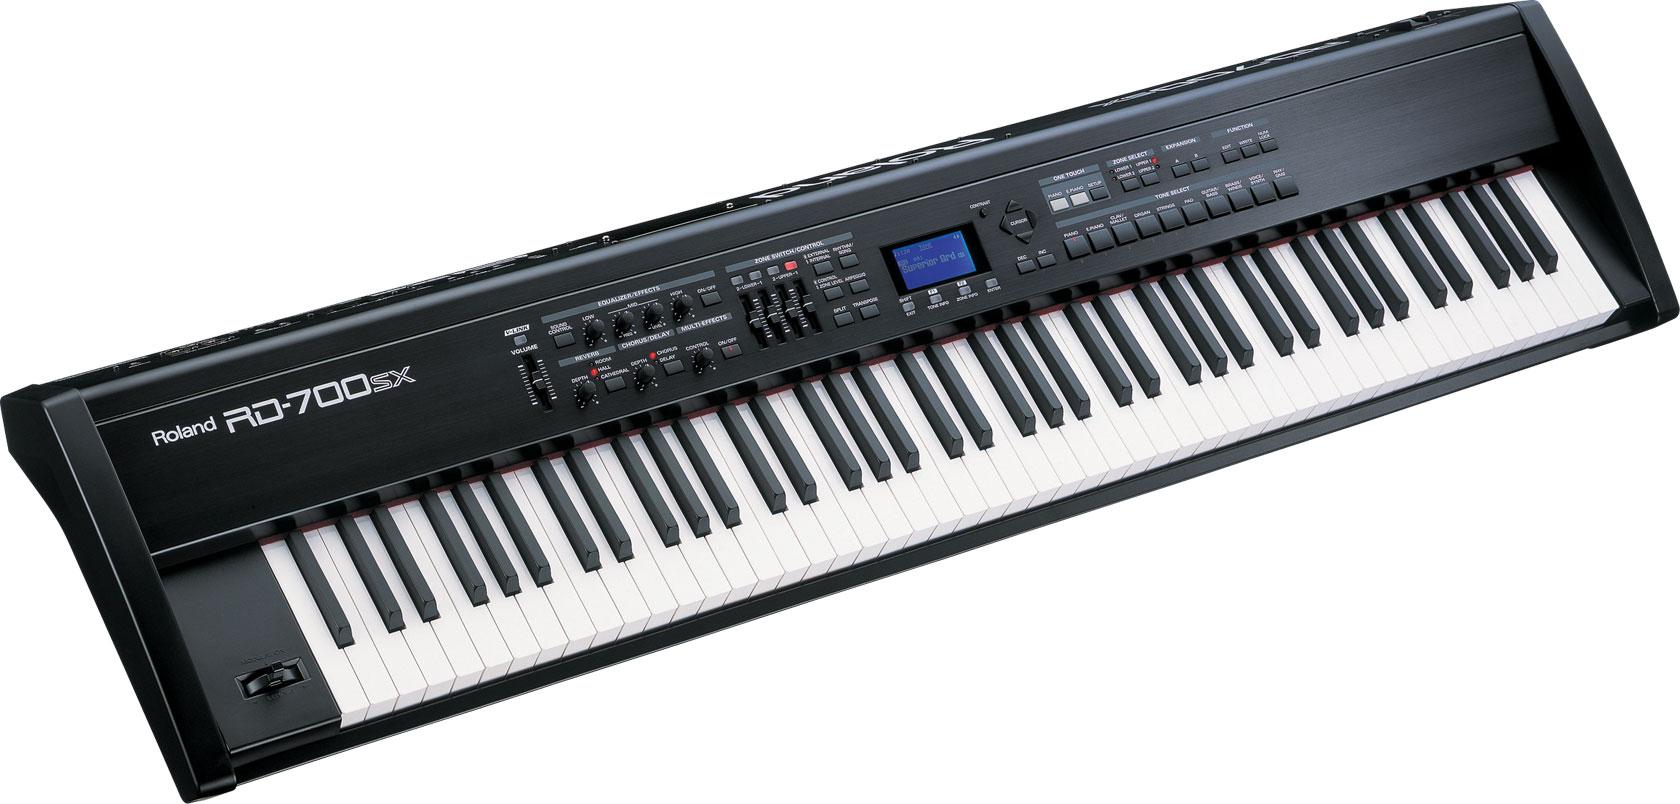 roland rd 700sx digital stage piano rh roland com Roland Rd 700 NX Manual roland rd 700nx manual pdf